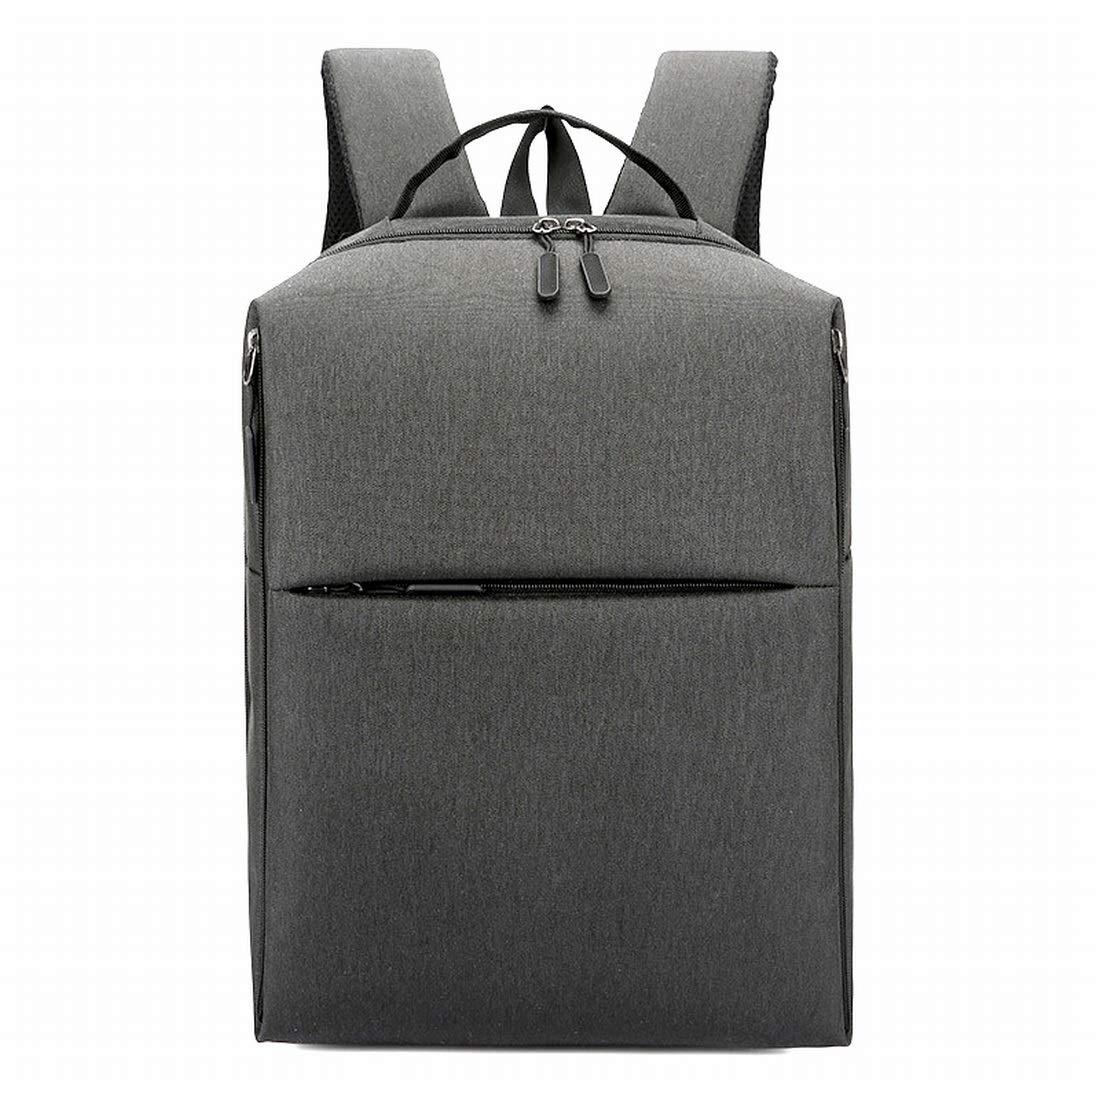 Casinò e attrezzature Mkulxina Laptop Backpack 15.6 Pollici Expansion Daypack Serratura codificata antifurto con Porta USB Resistente allAcqua in Nylon Valigetta Borsa del Computer Portatile Tablet Color : Light Grey Sport e tempo libero